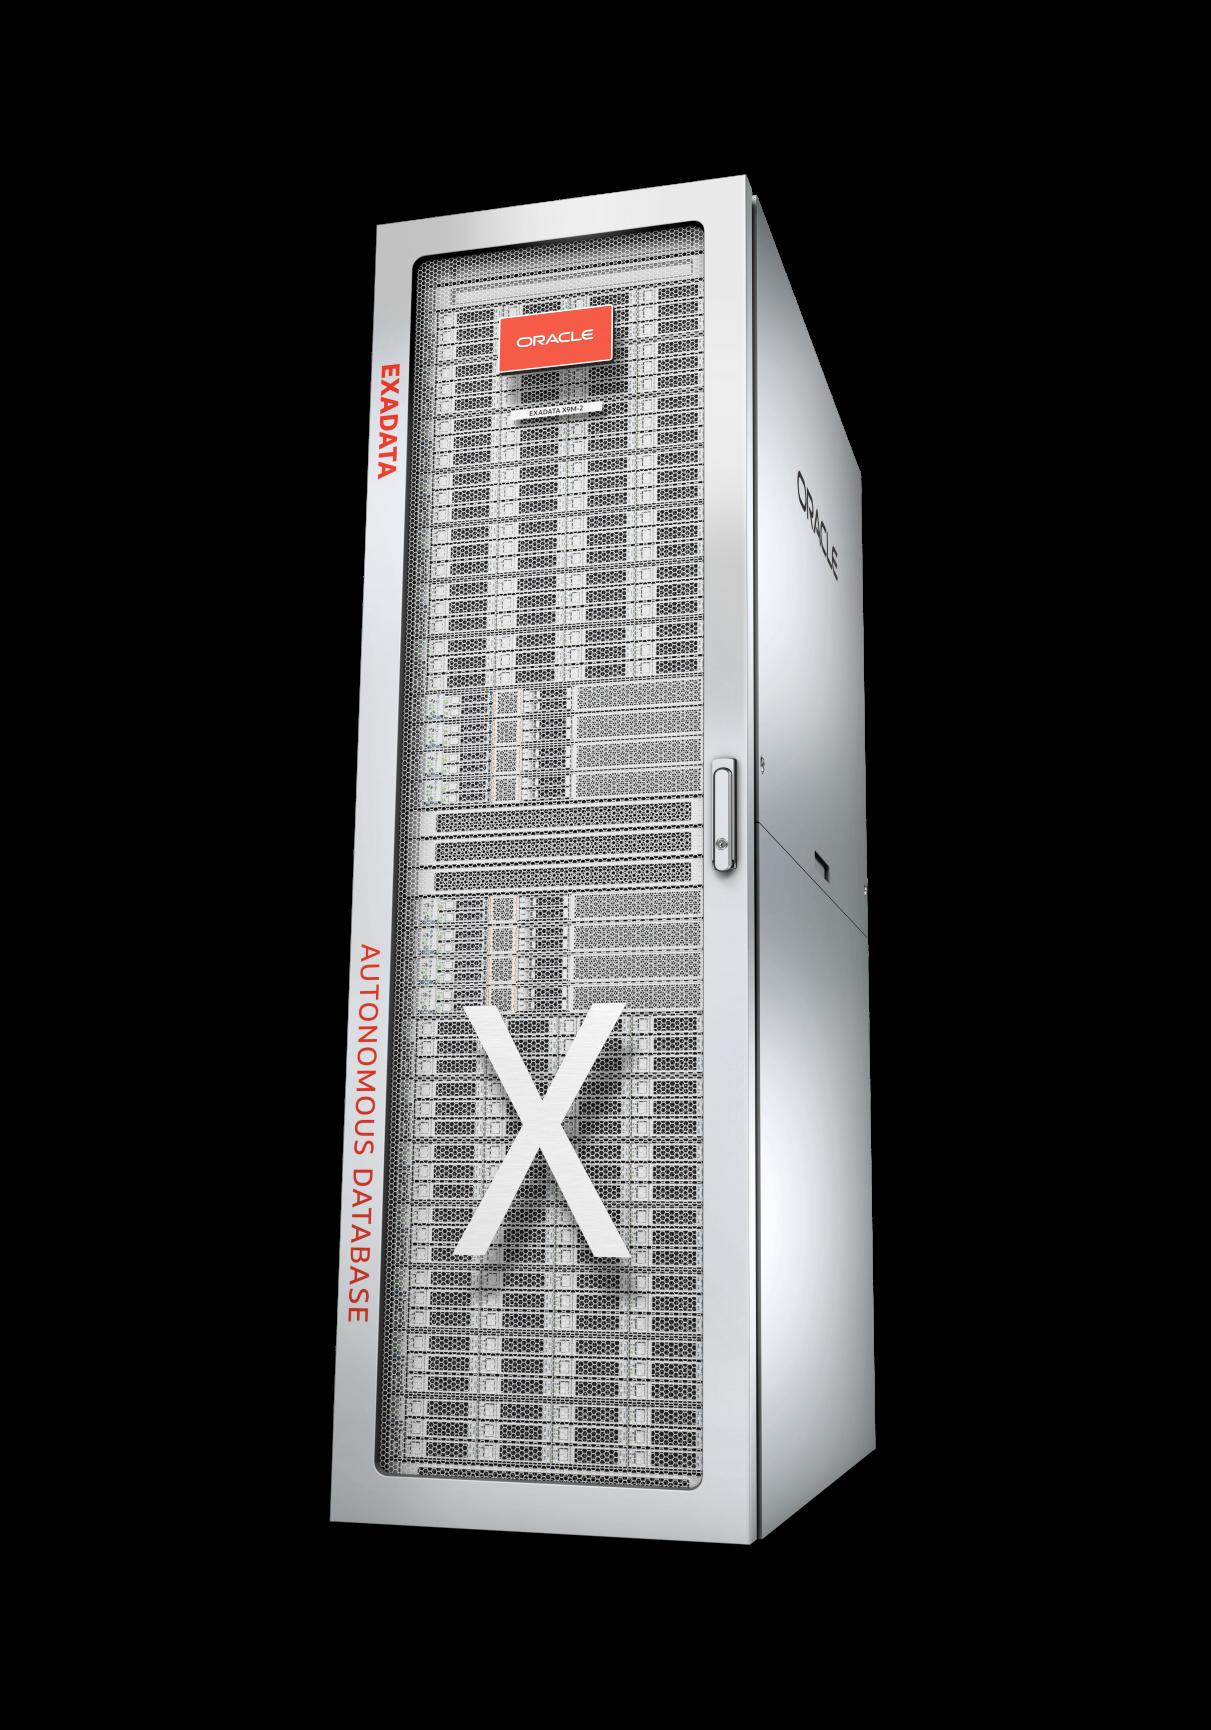 O nouă versiune a celui mai rapid și accesibil sistem pentru bazele de date Oracle